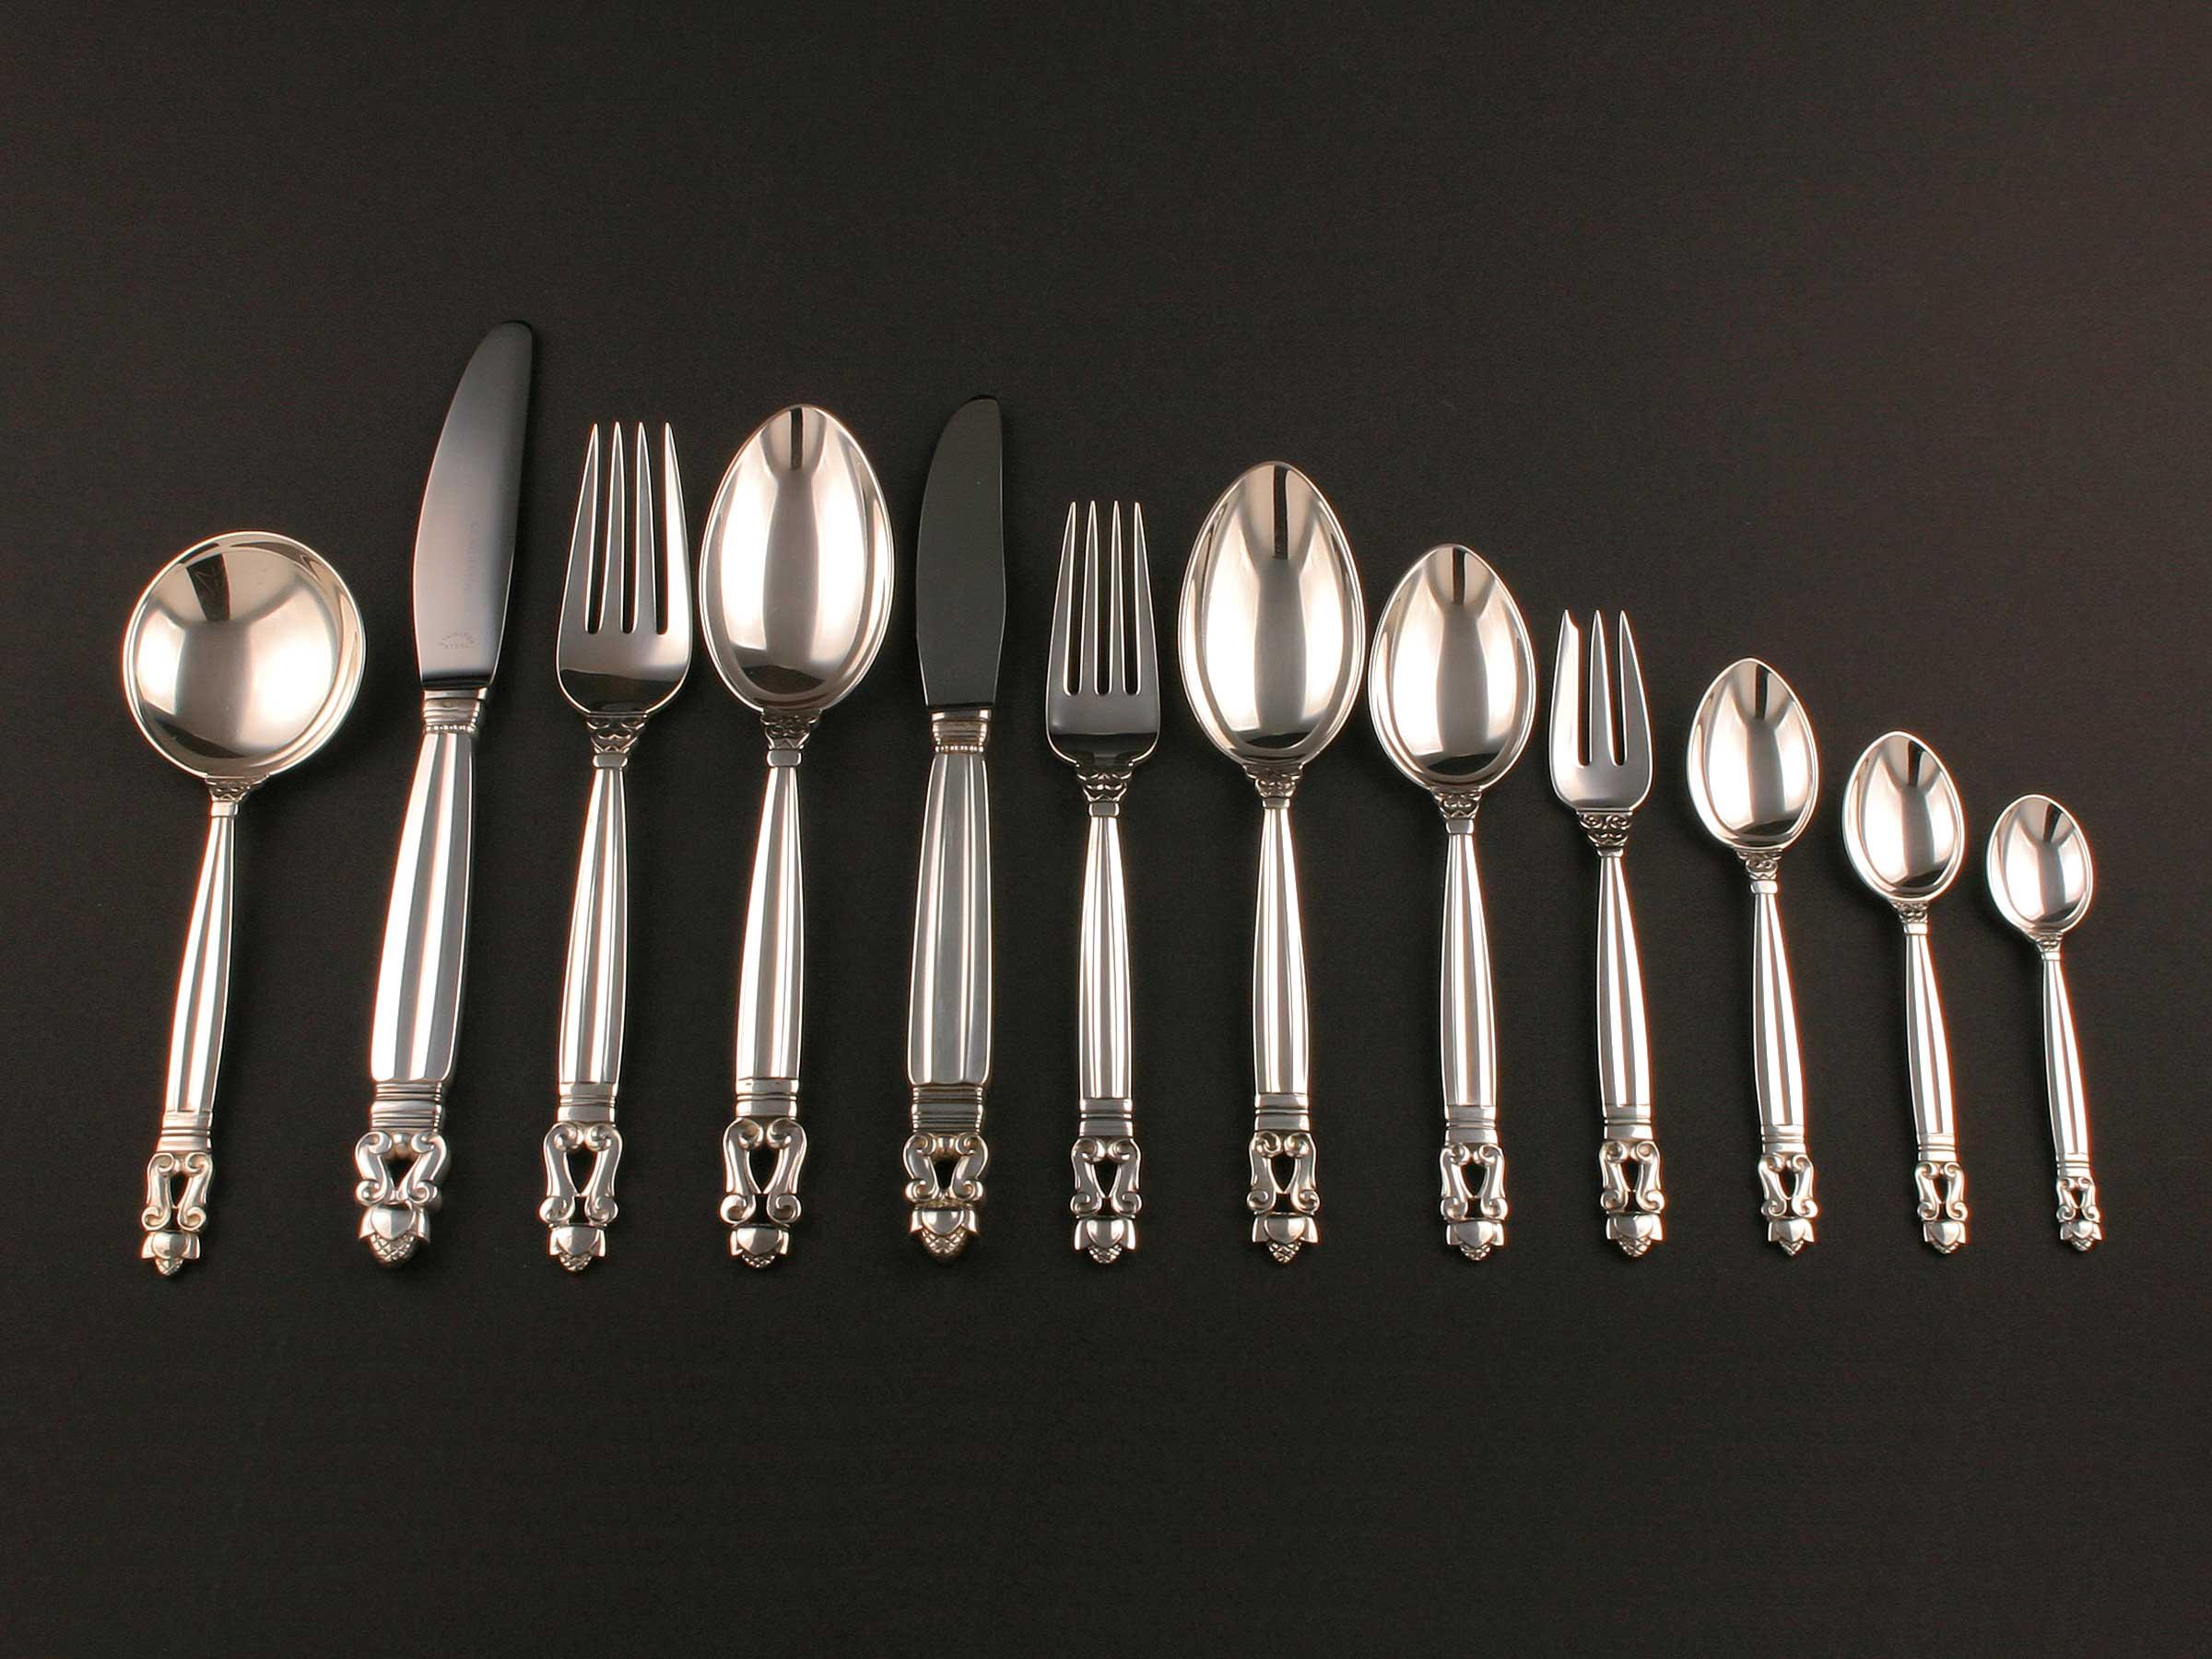 Besteck-für-sechs-Personen-Acorn-Konge,-Sterling-Silber,-Georg-Jensen-(1)